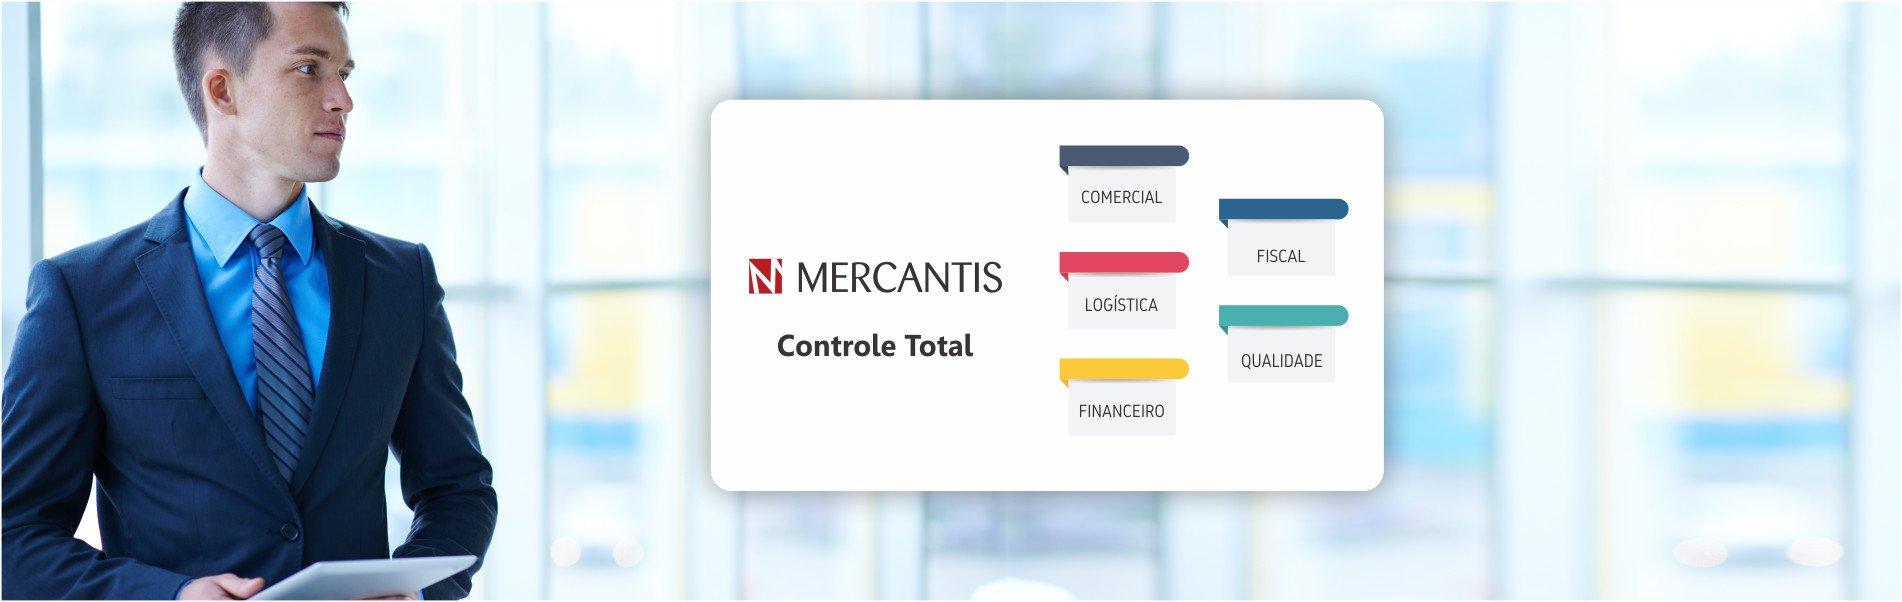 executivo lendo a placa controle total do Mercantis